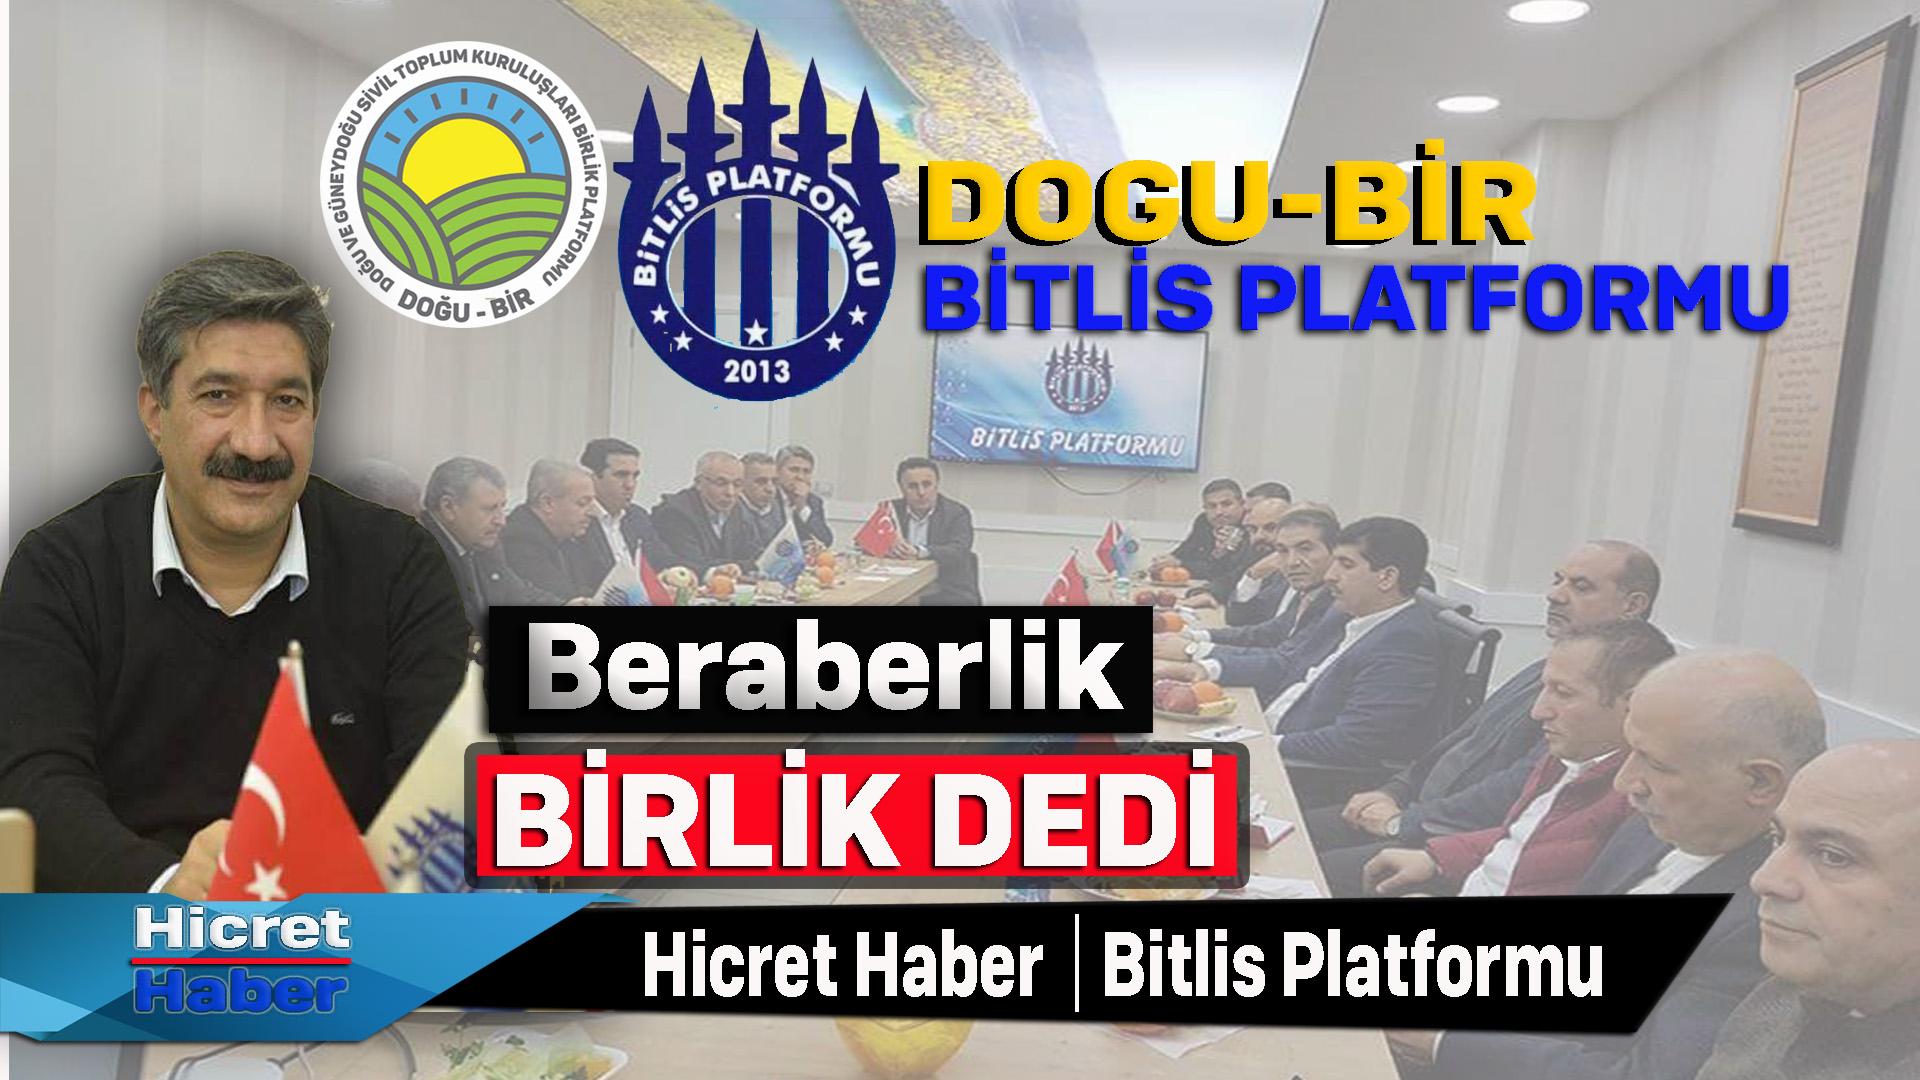 Bitlis Platformu Doğu Platformu Maneviyat Birlik Dedi